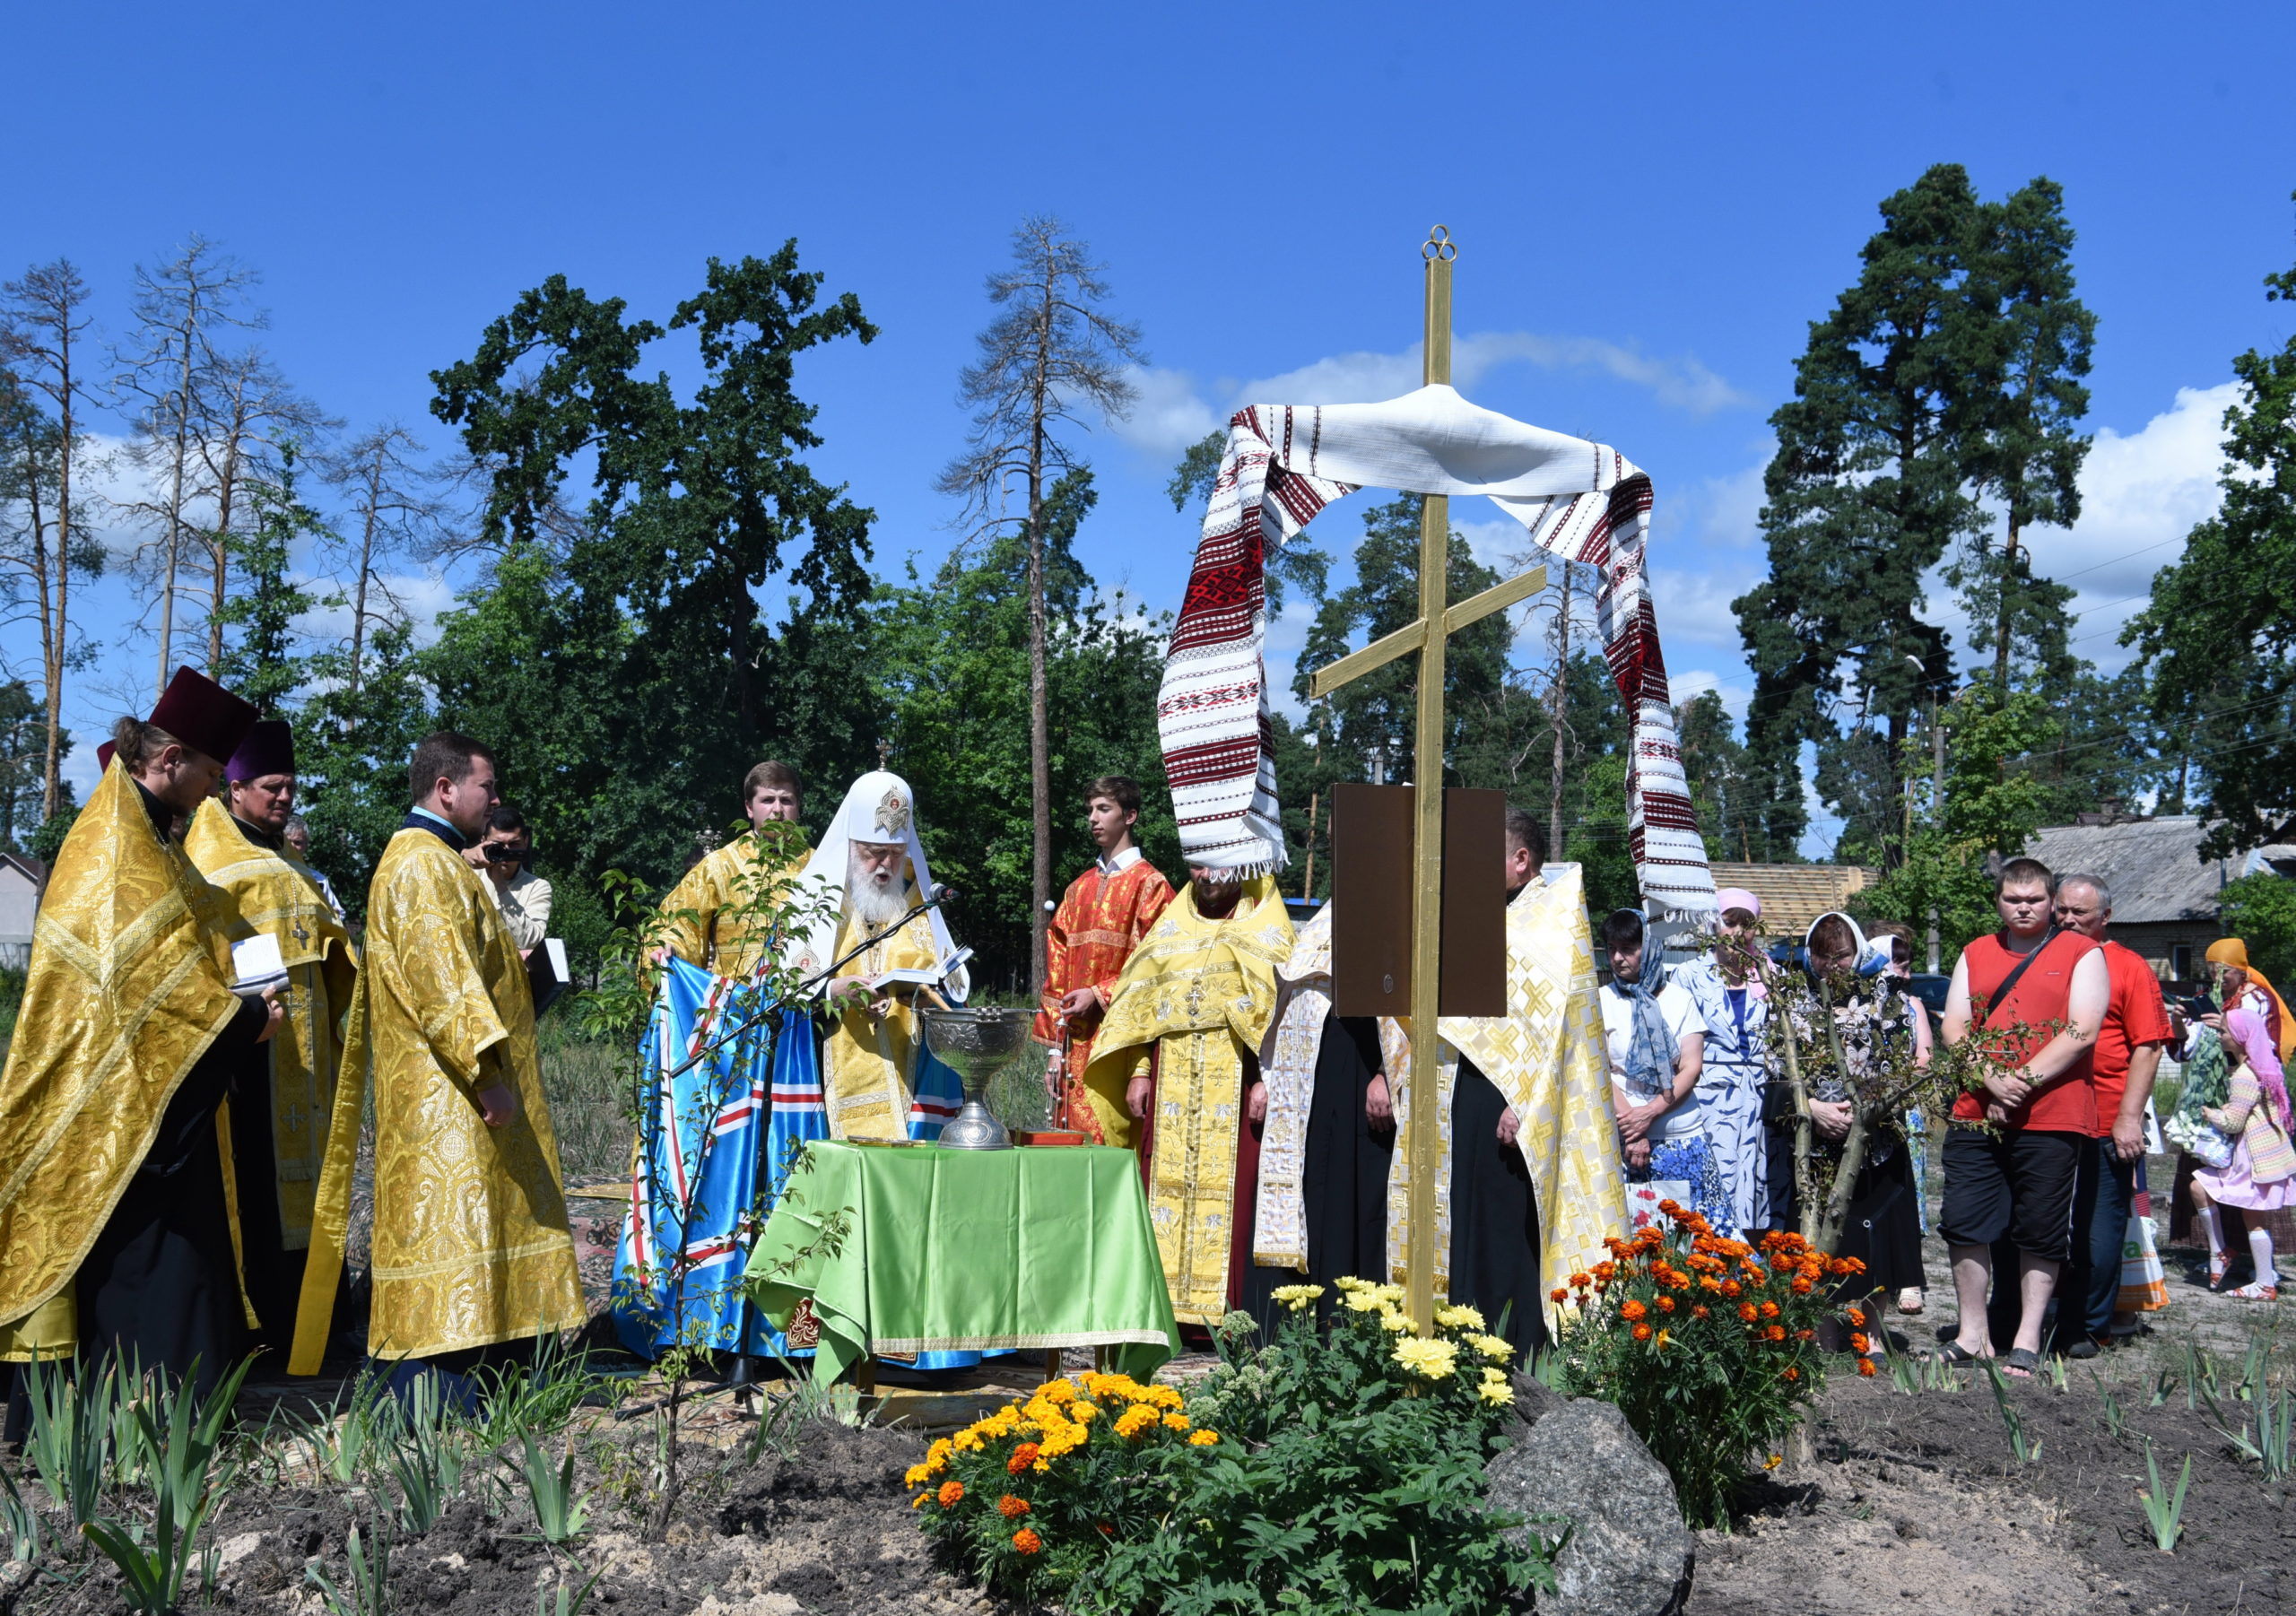 Патріарх Філарет освятив наріжний камінь під будівництво  храму в селищі Клавдієве-Тарасове